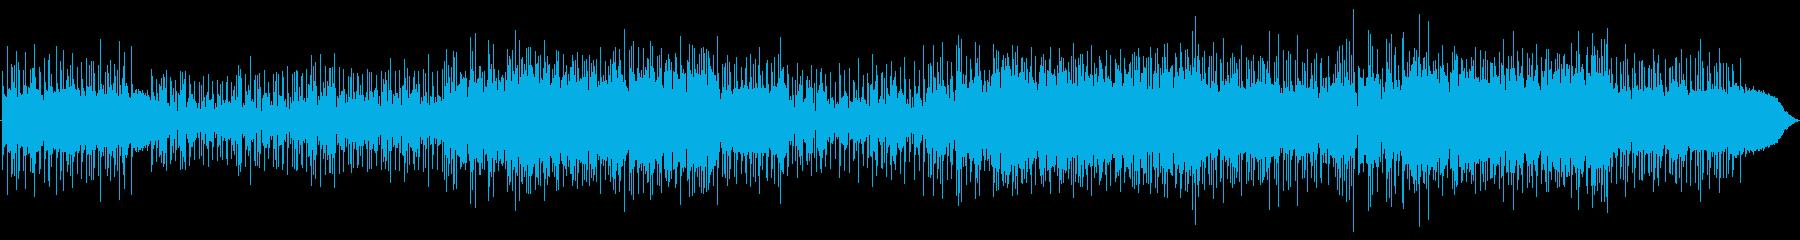 切ない歌詞が印象的なロックバラードの再生済みの波形